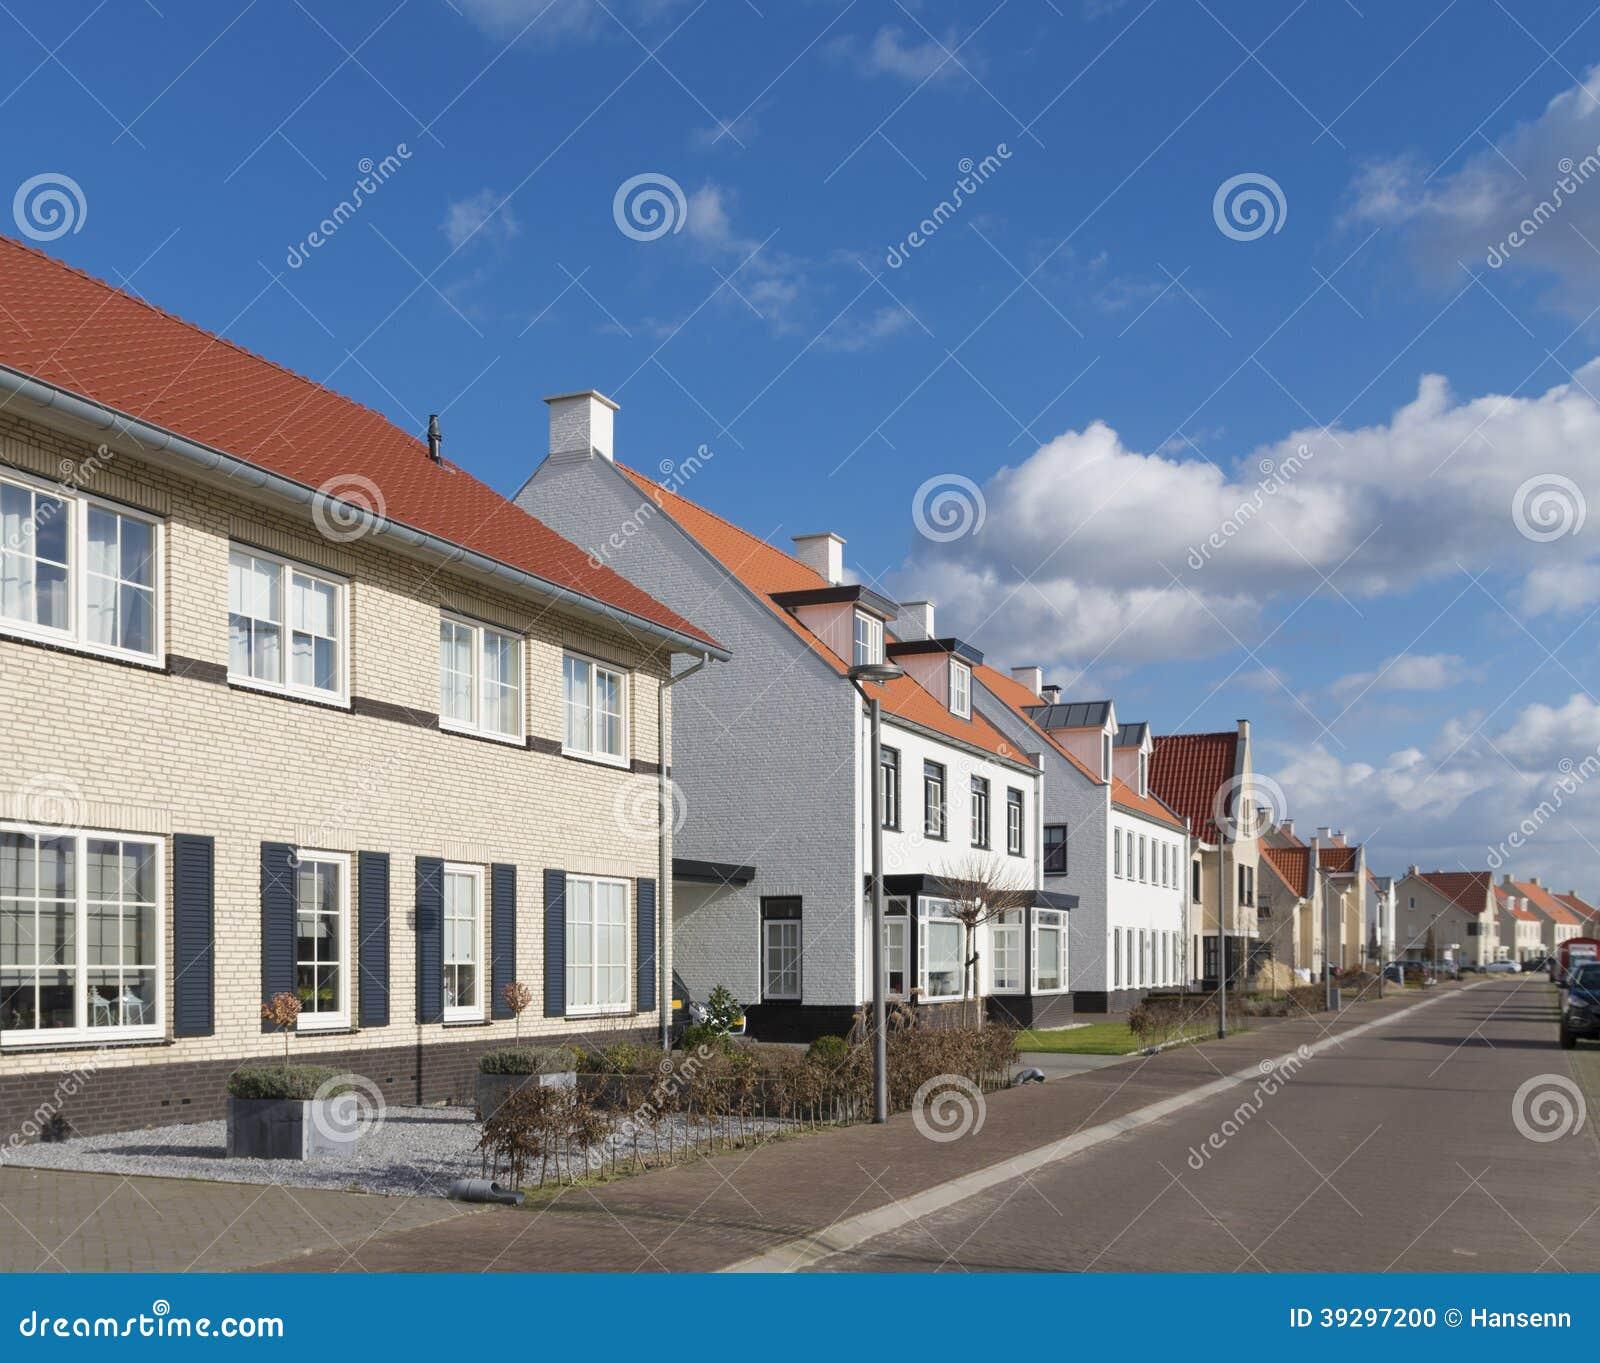 Villette Fotografia Stock Immagine Di Facade Casa